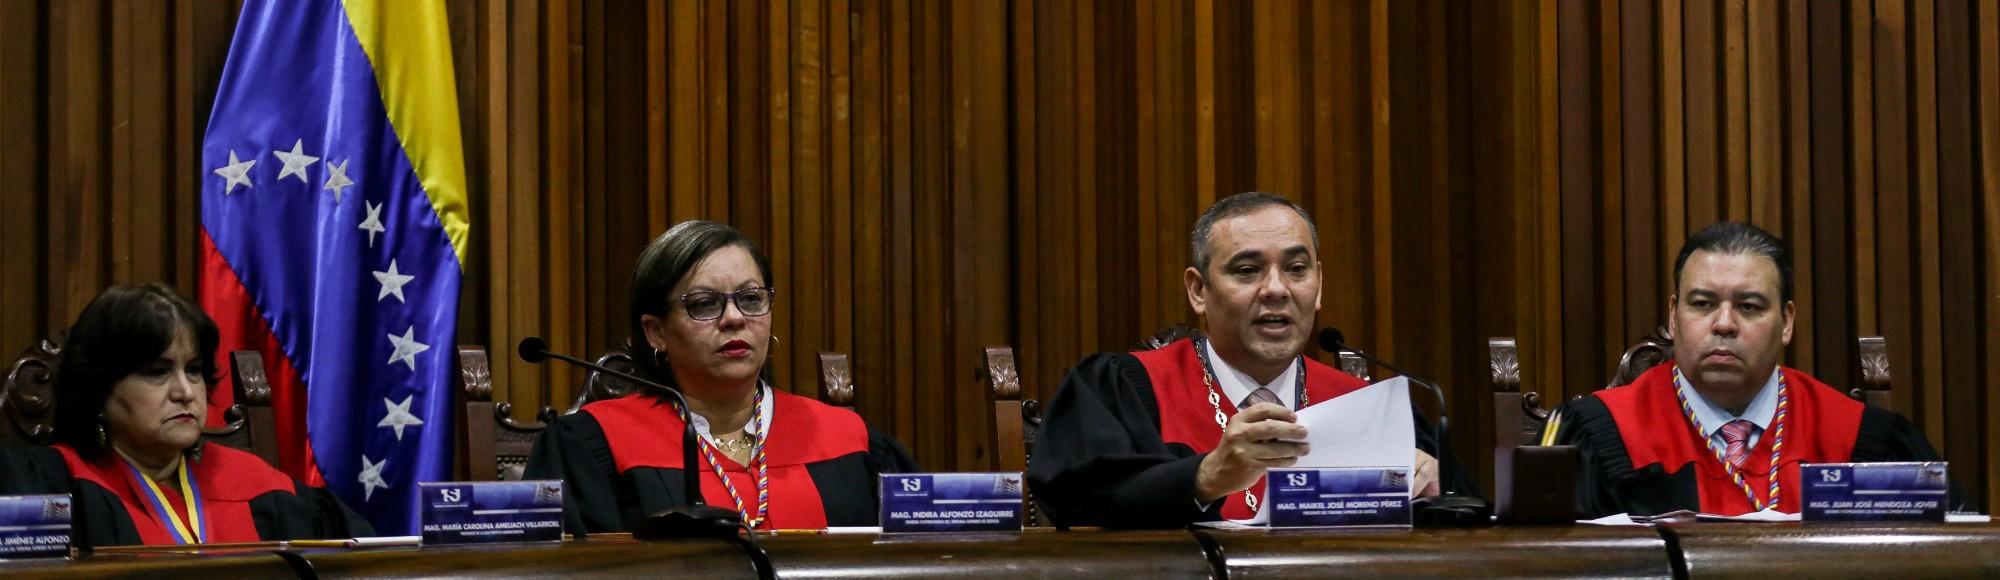 Resultado de imagen para venezuela golpe